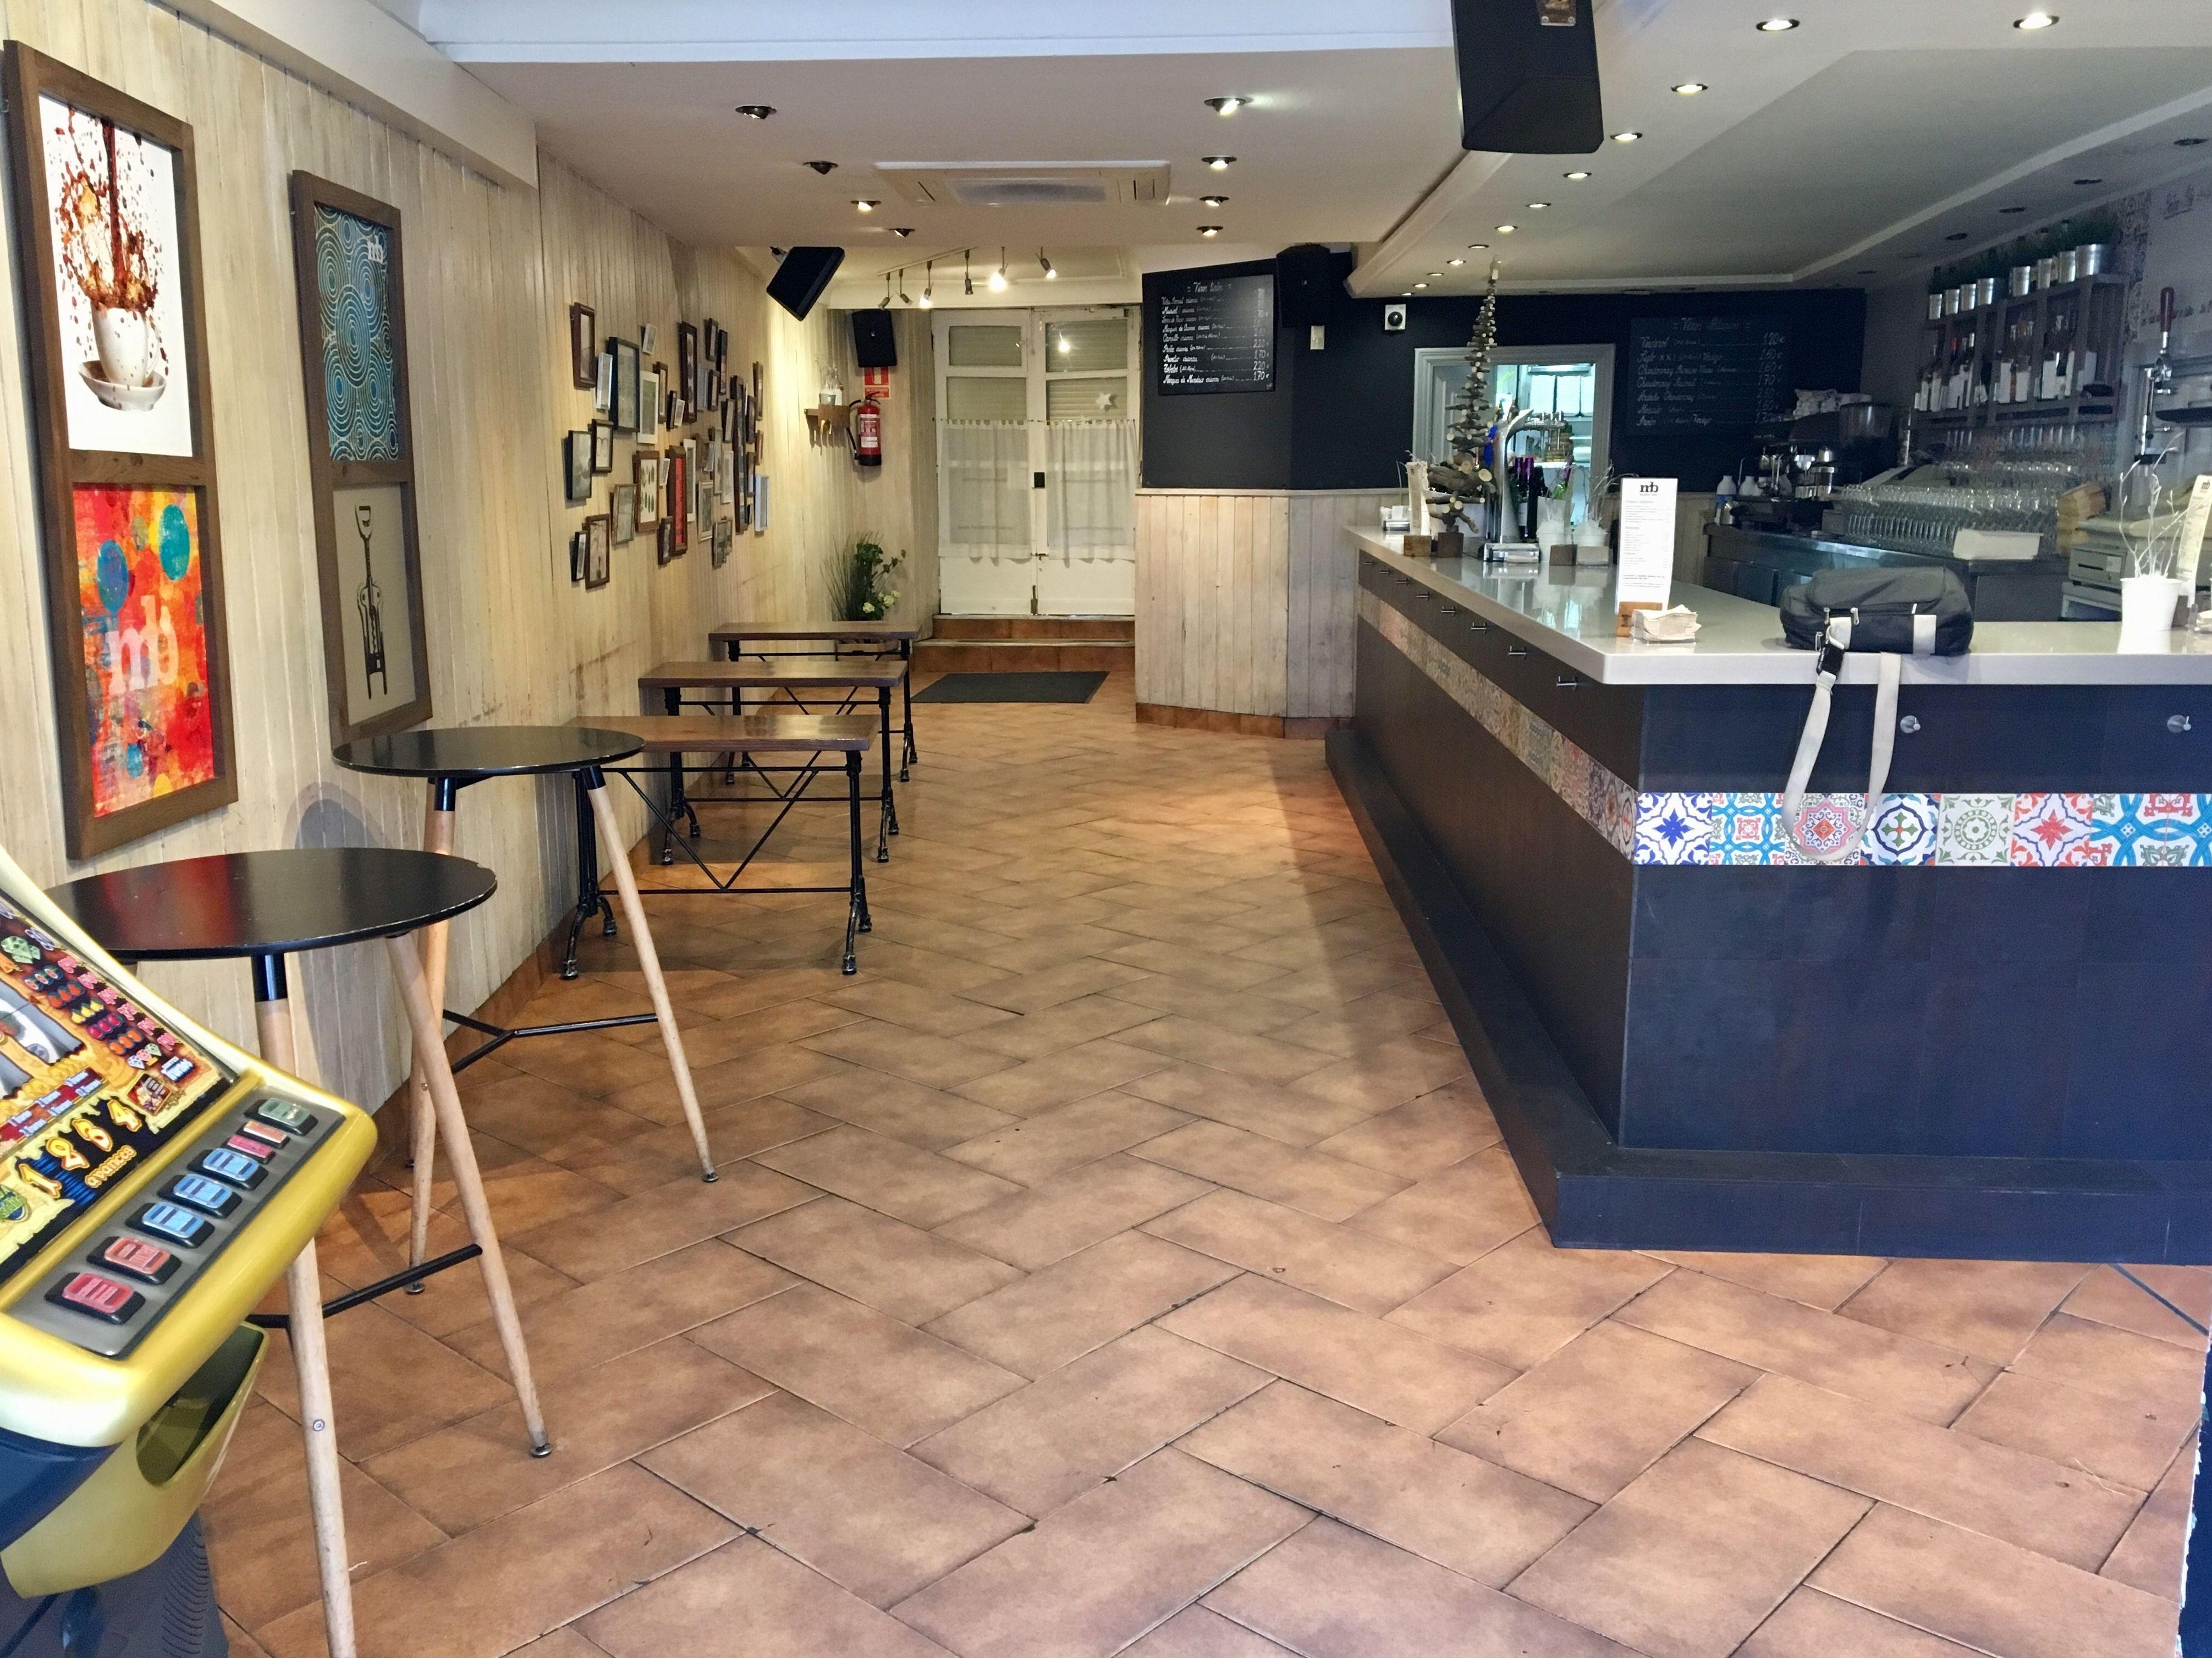 Café bar Maite Errenteria